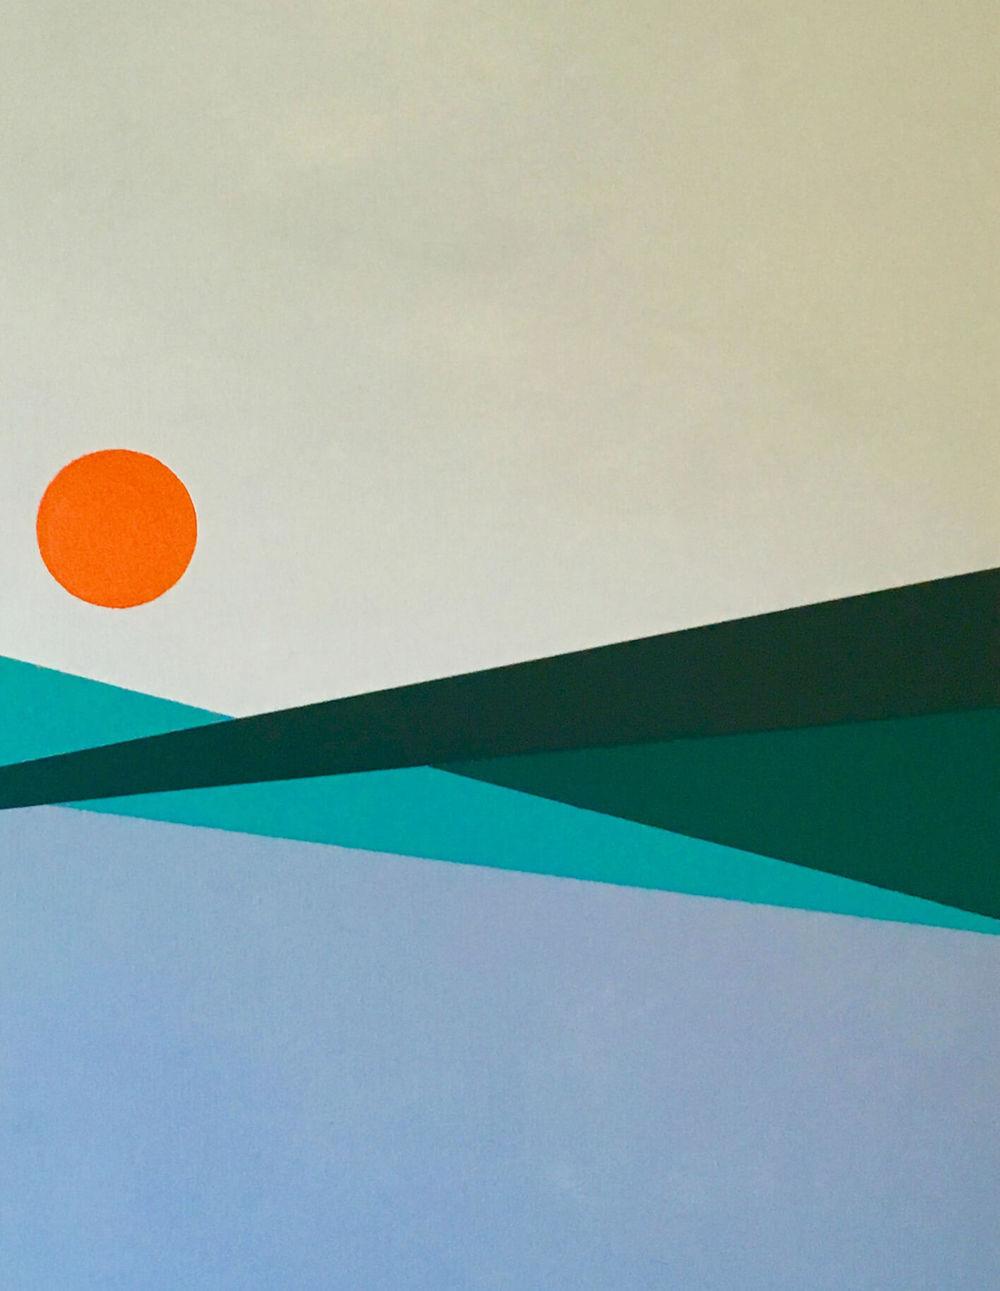 Minimal 3, 70 cm x 50 x 4 cm, Acryl auf Leinwand, 2016, Preis: 350 Euro.